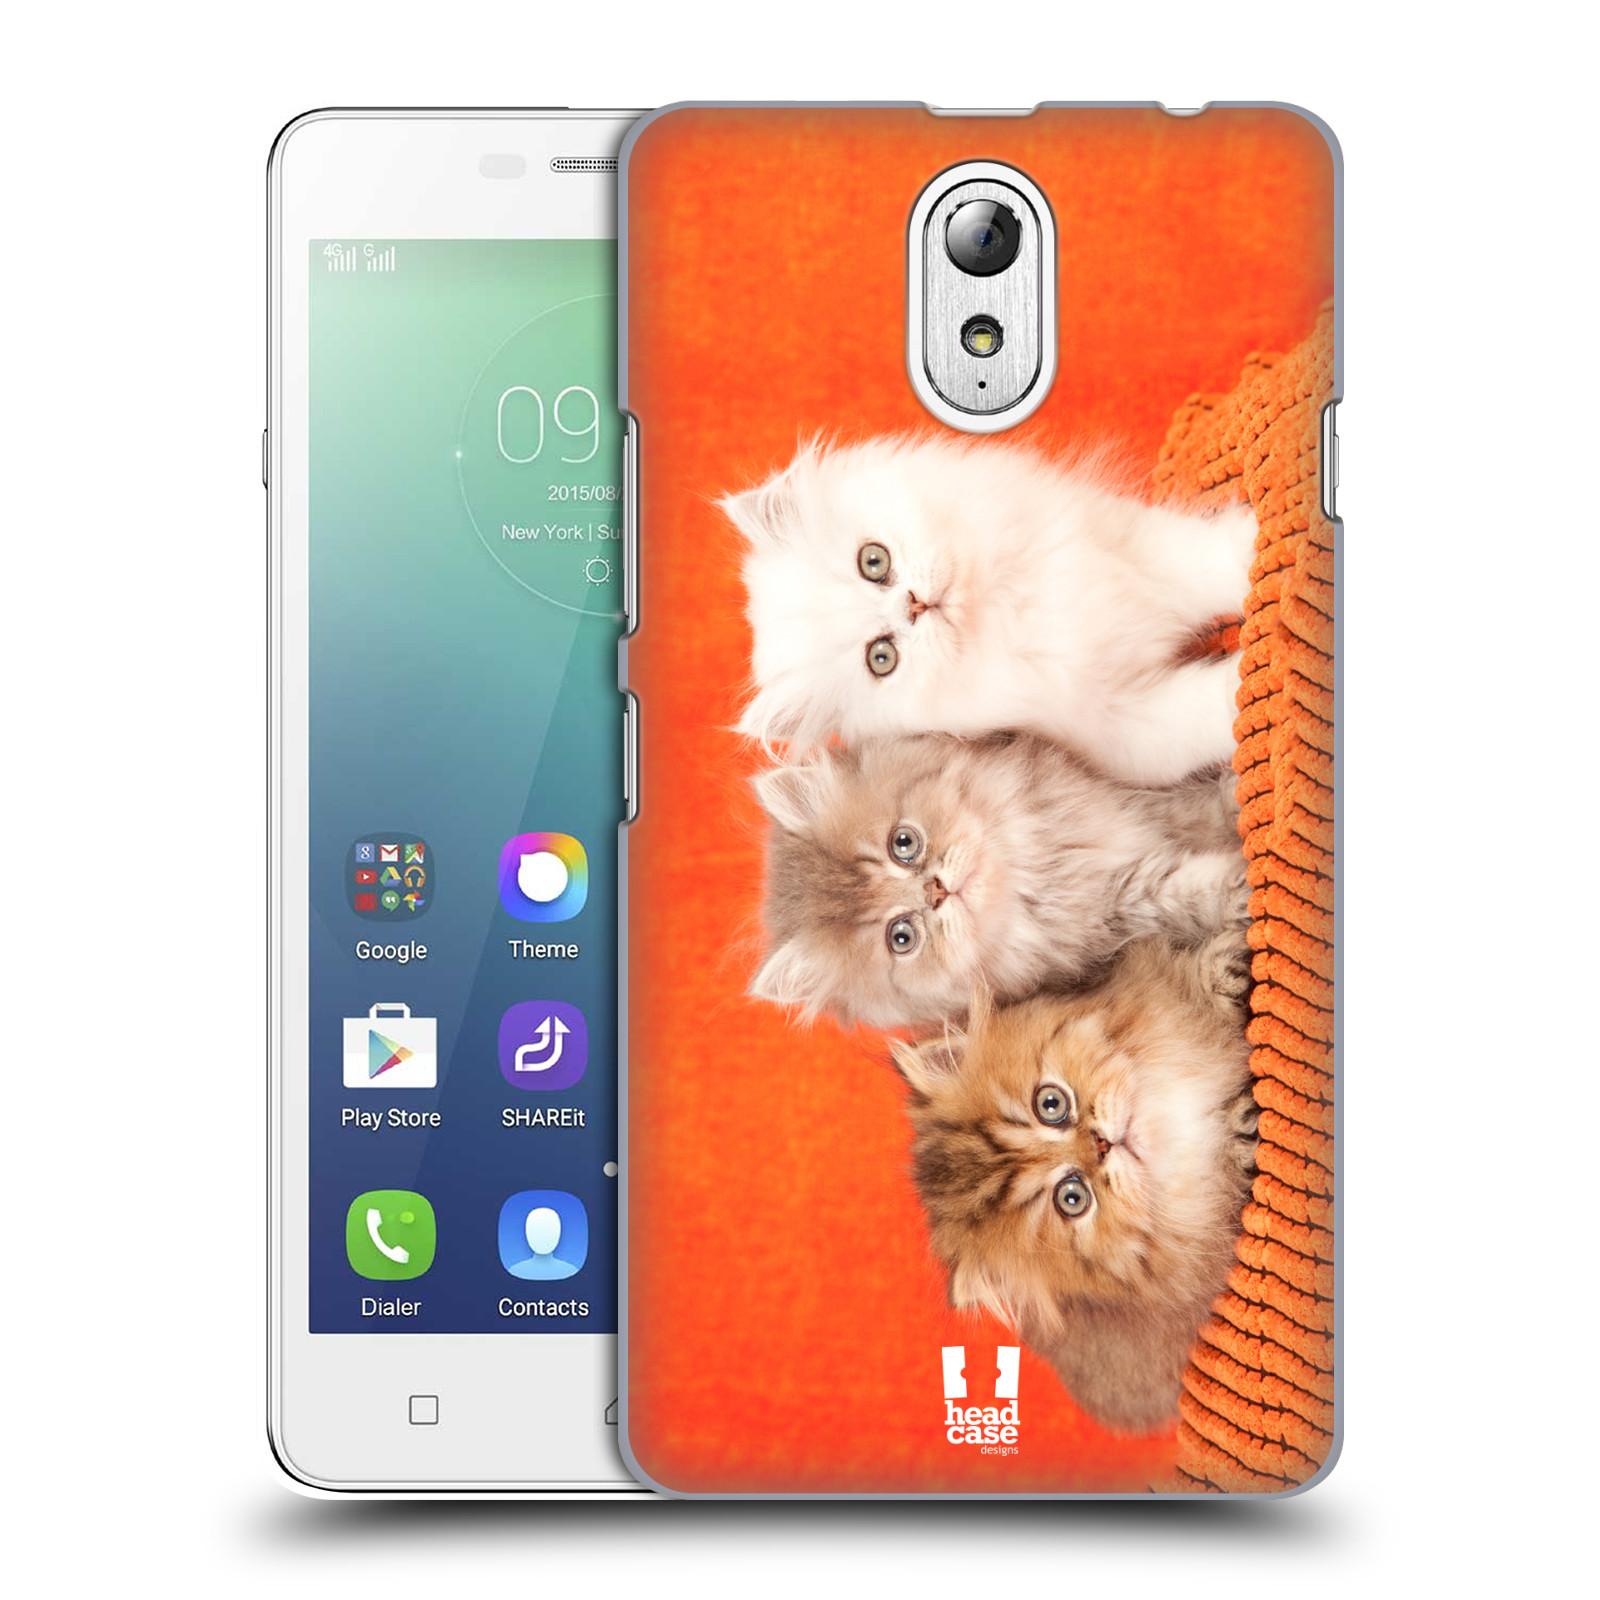 HEAD CASE pevný plastový obal na mobil LENOVO VIBE P1m / LENOVO VIBE p1m DUAL SIM vzor Kočičky koťata foto 3 kočky